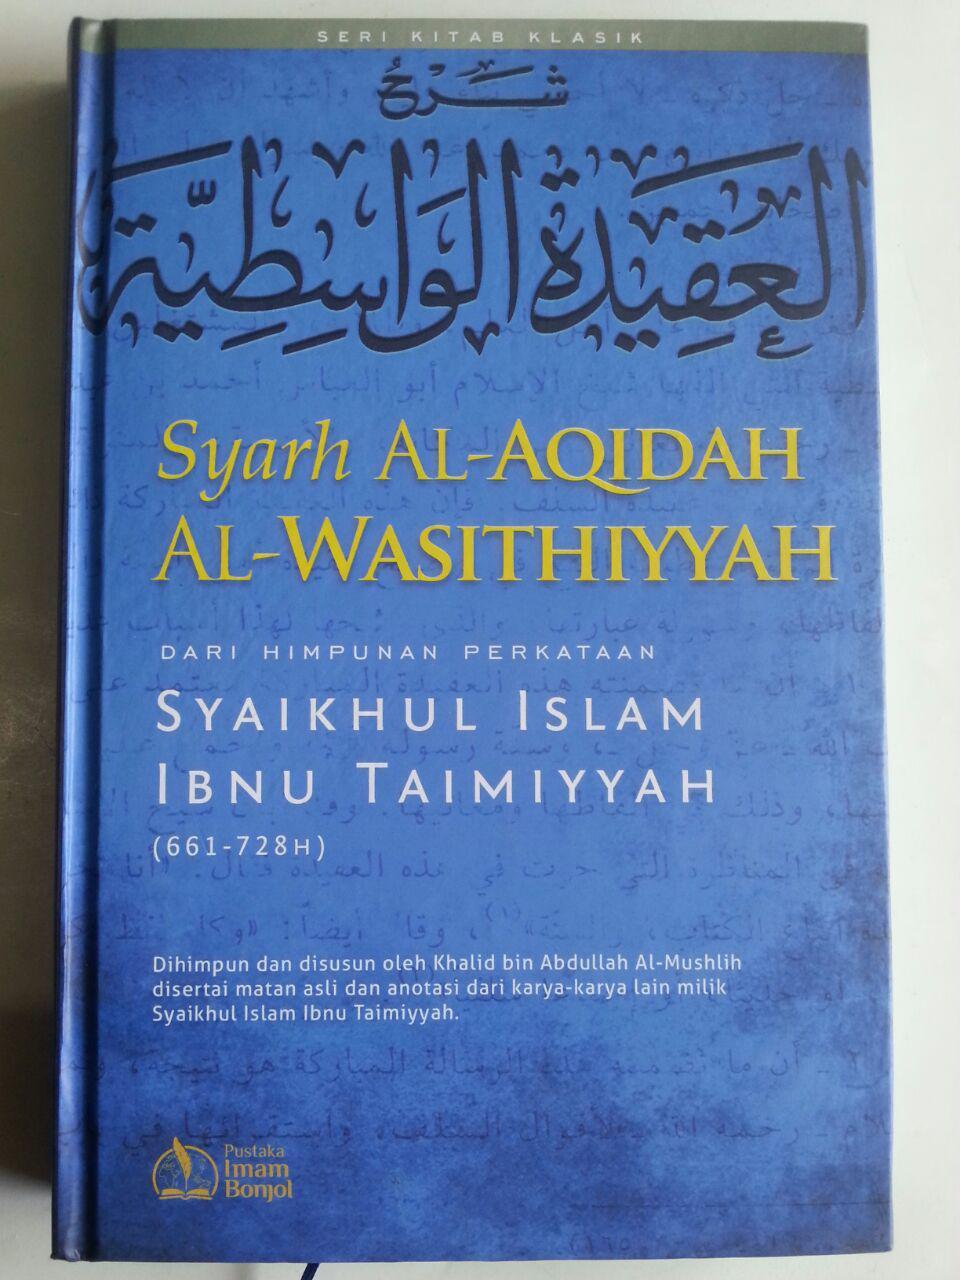 Buku Syarh Al-Aqidah Al-Wasithiyyah Dari Perkataan Ibnu Taimiyyah cover 2